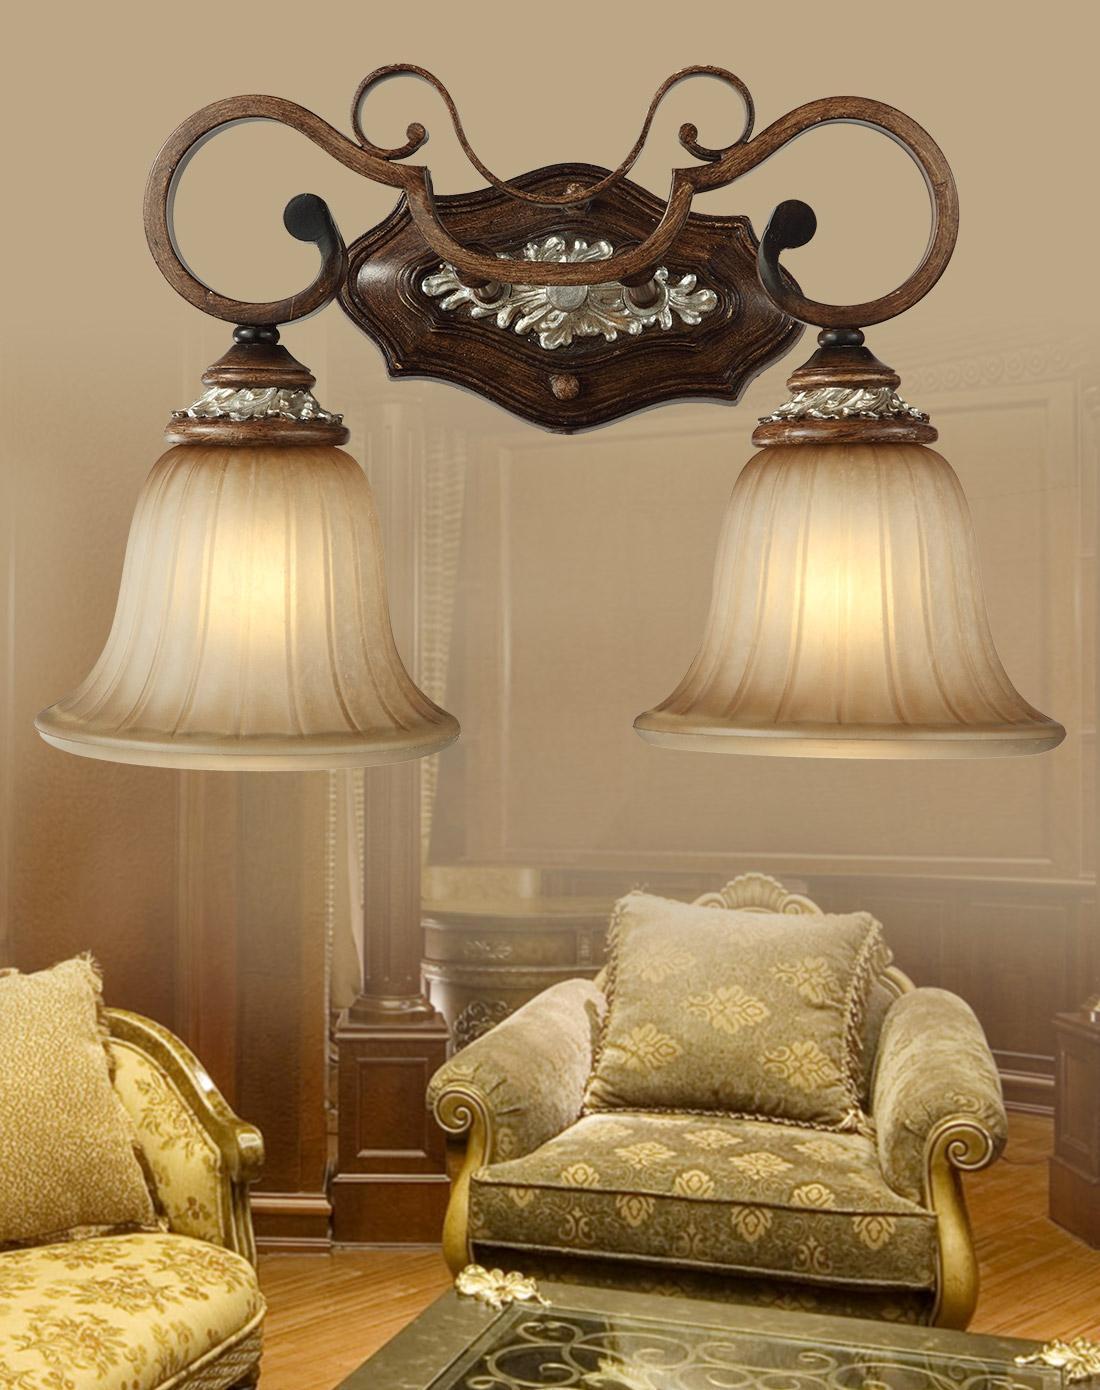 美式复古镜前灯 浴室古典灯饰图片